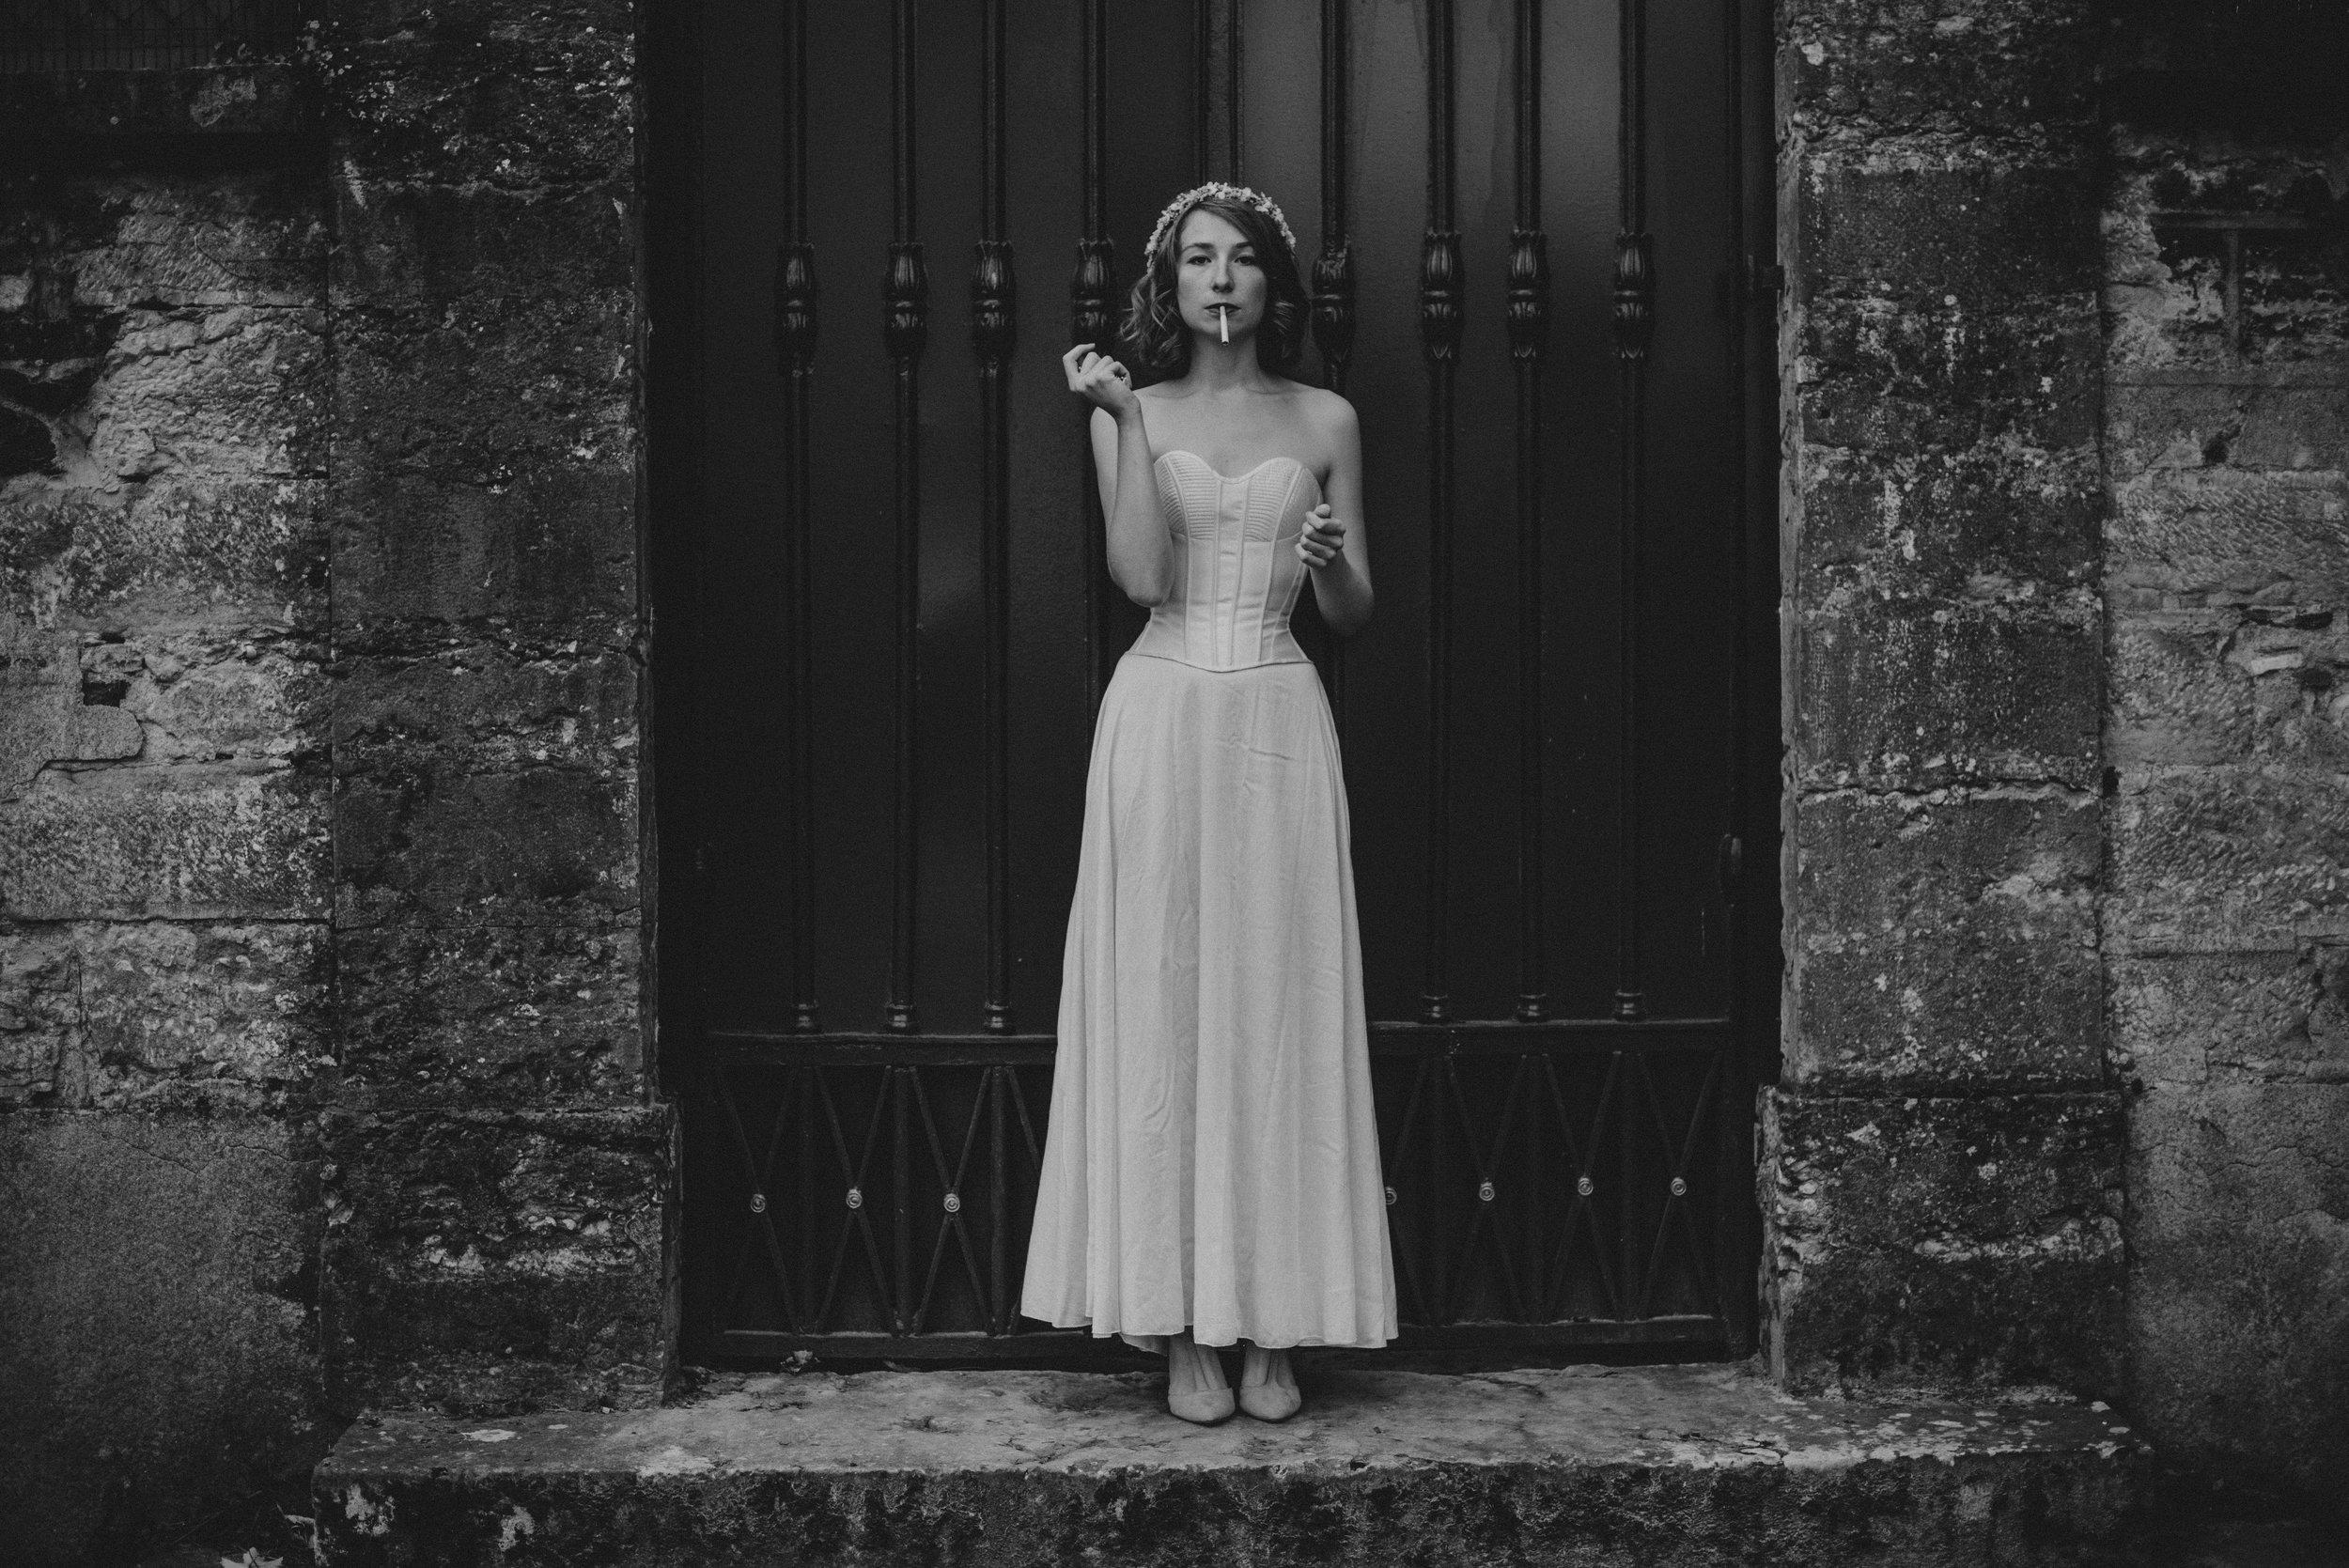 Léa-Fery-photographe-professionnel-lyon-rhone-alpes-portrait-creation-mariage-evenement-evenementiel-famille-6065.jpg